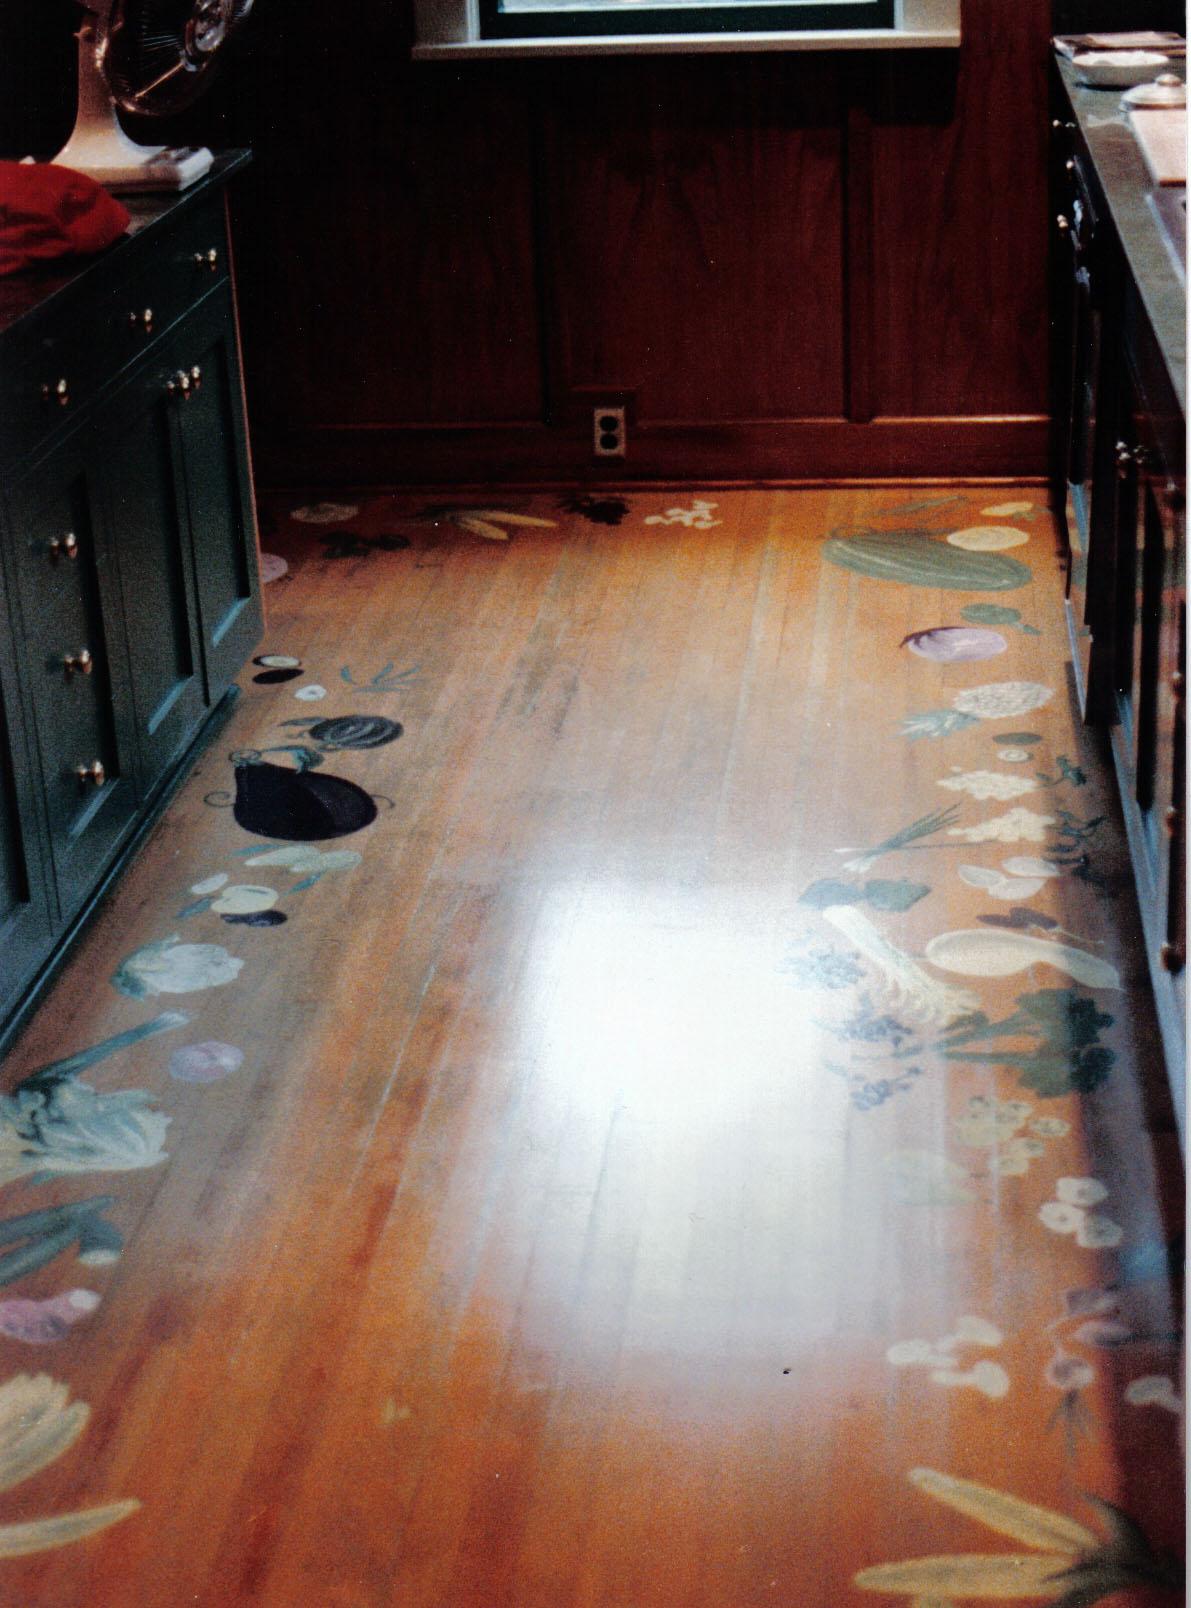 Seattle home kitchen floor.